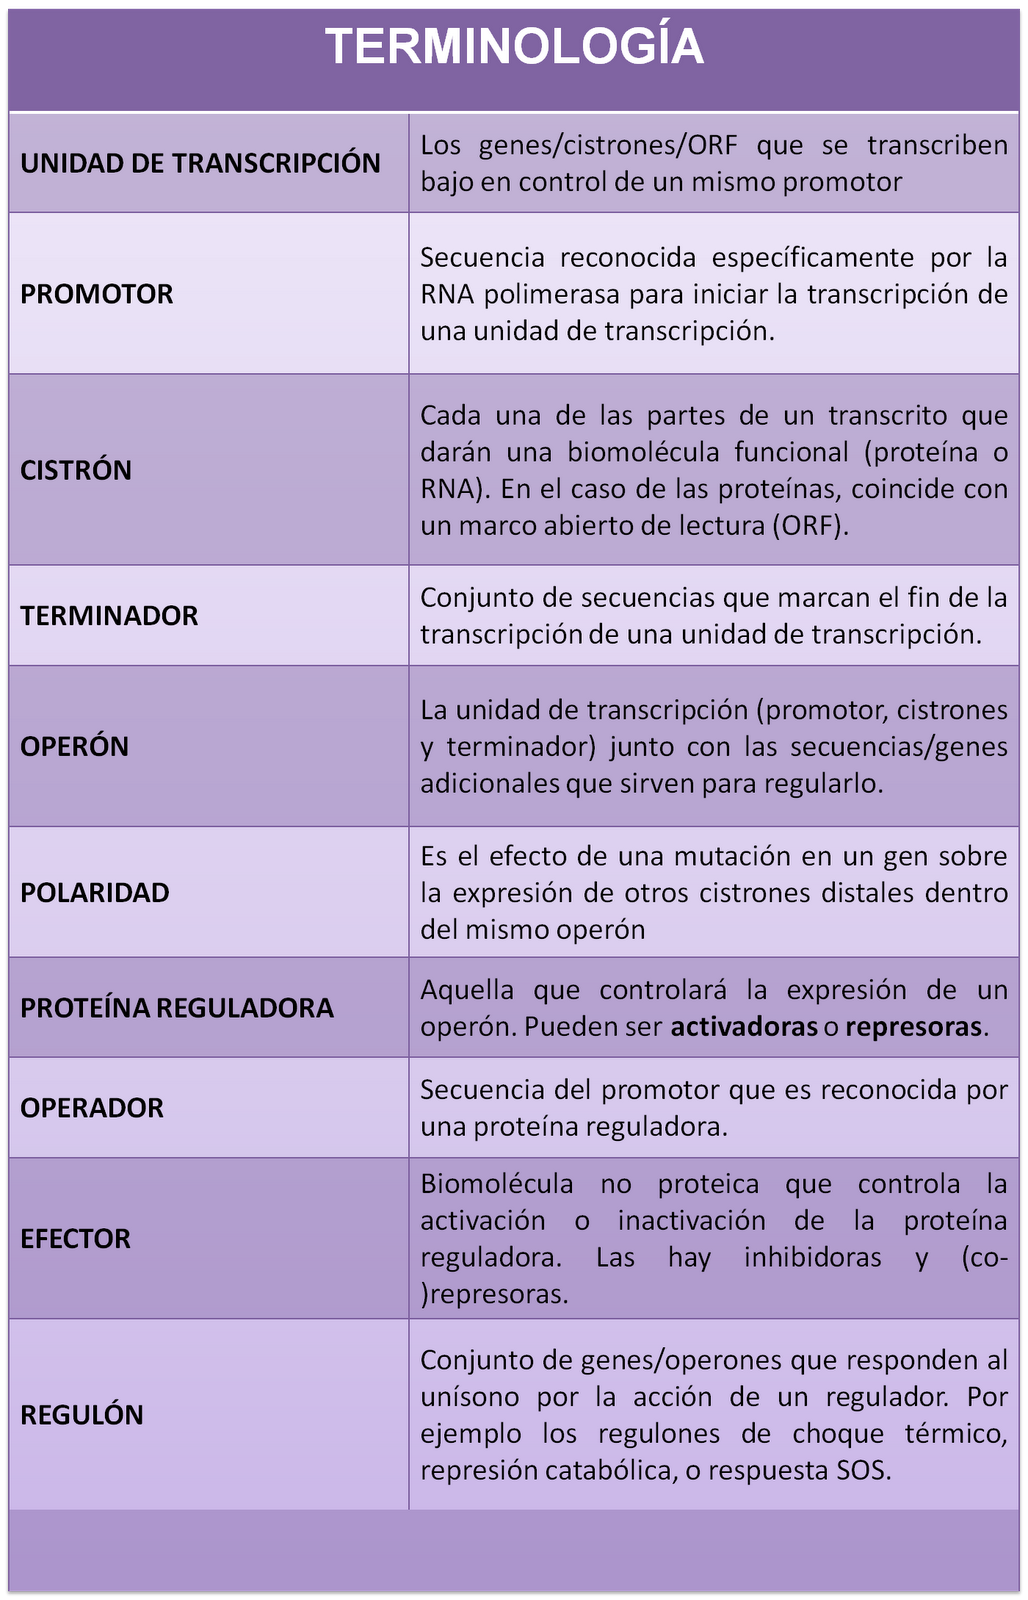 Genética: Regulación de la Transcripción en Organismos Procarióticos